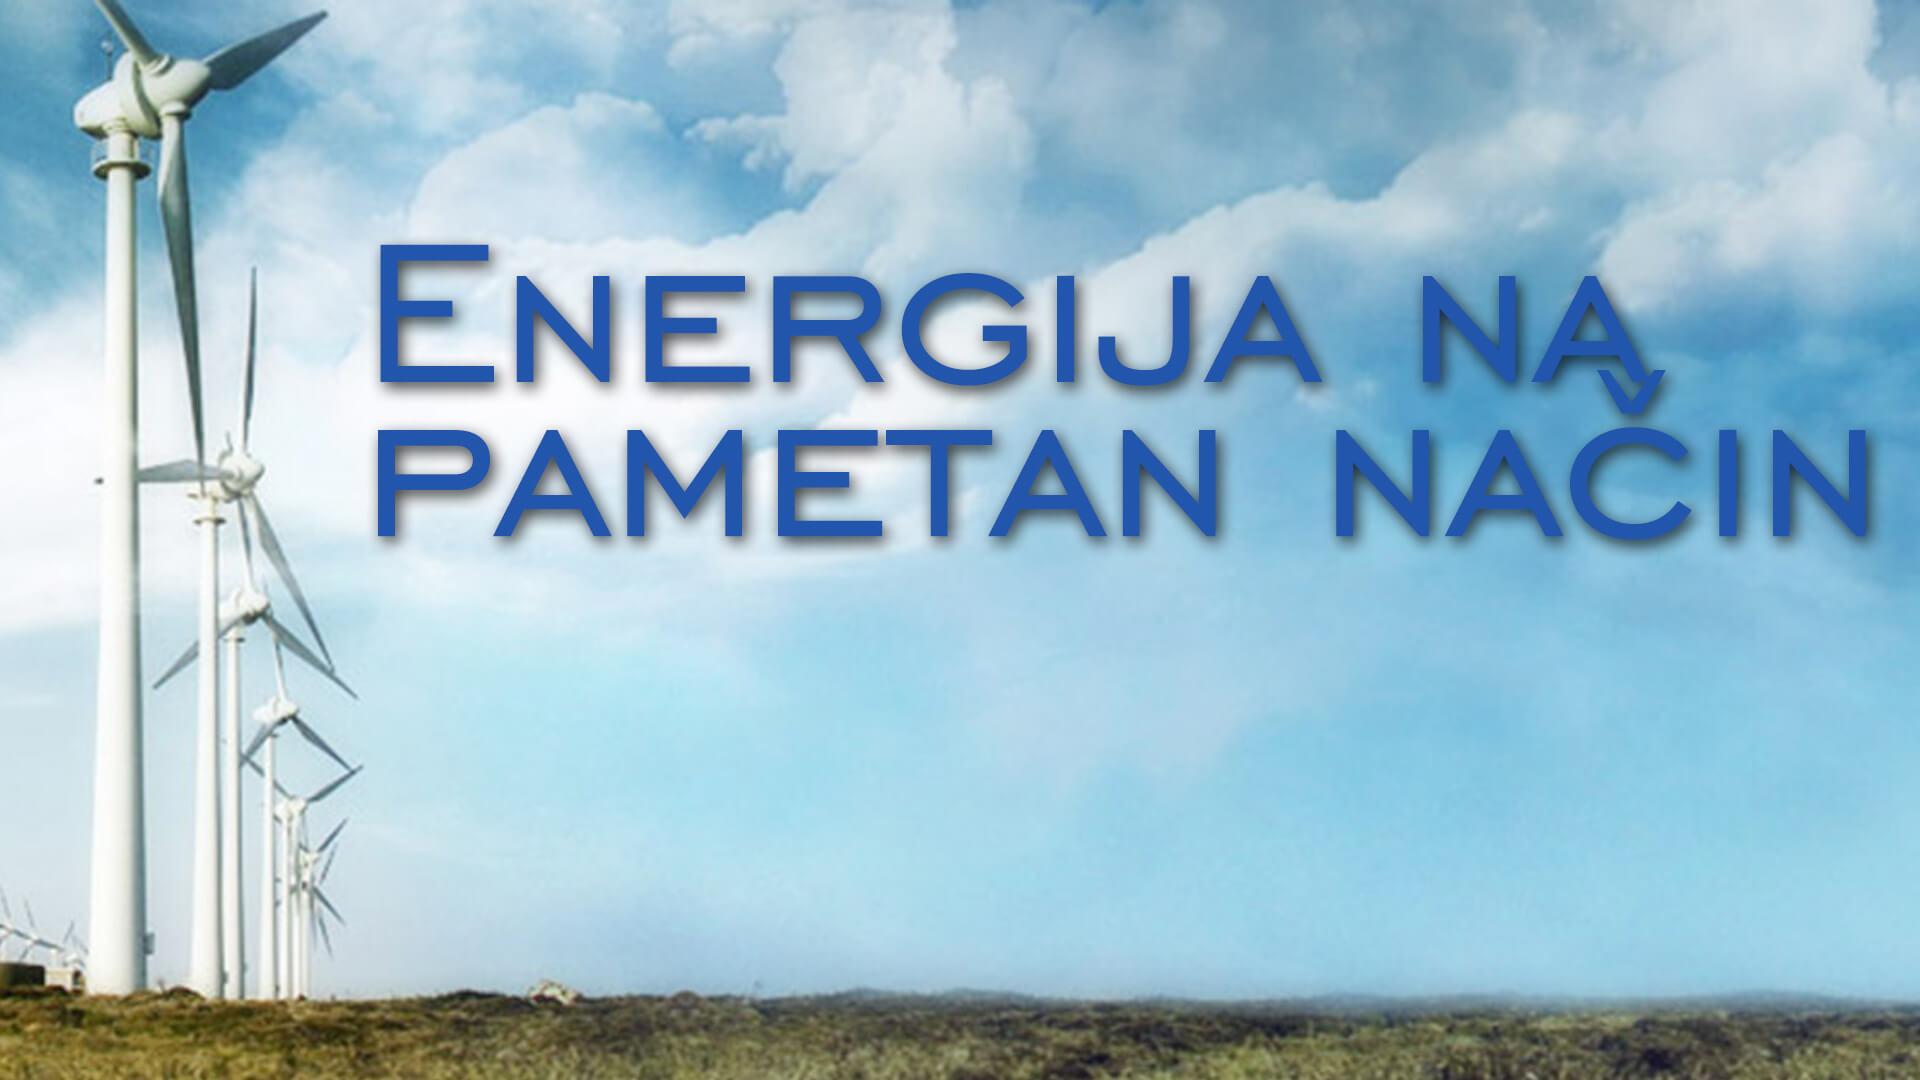 Energija na Pametan Način